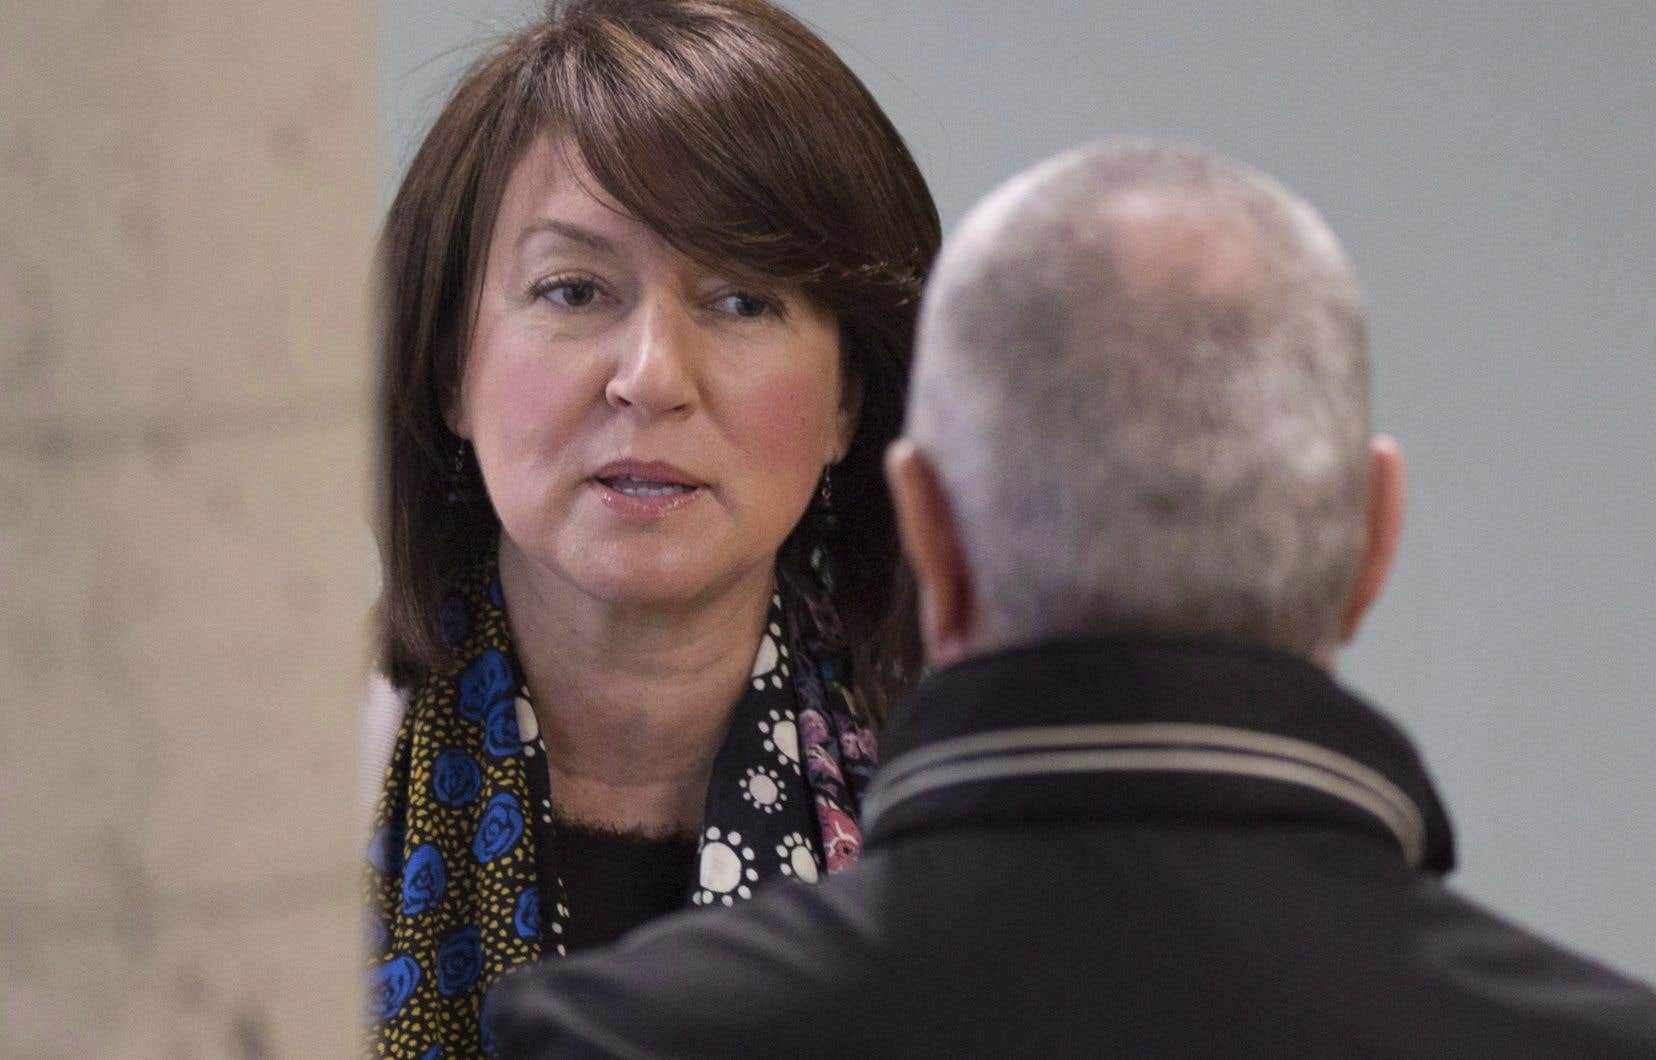 L'ancienne ministre libérale Nathalie Normandeau, photographiée au palais de justice de Québec en juin 2016